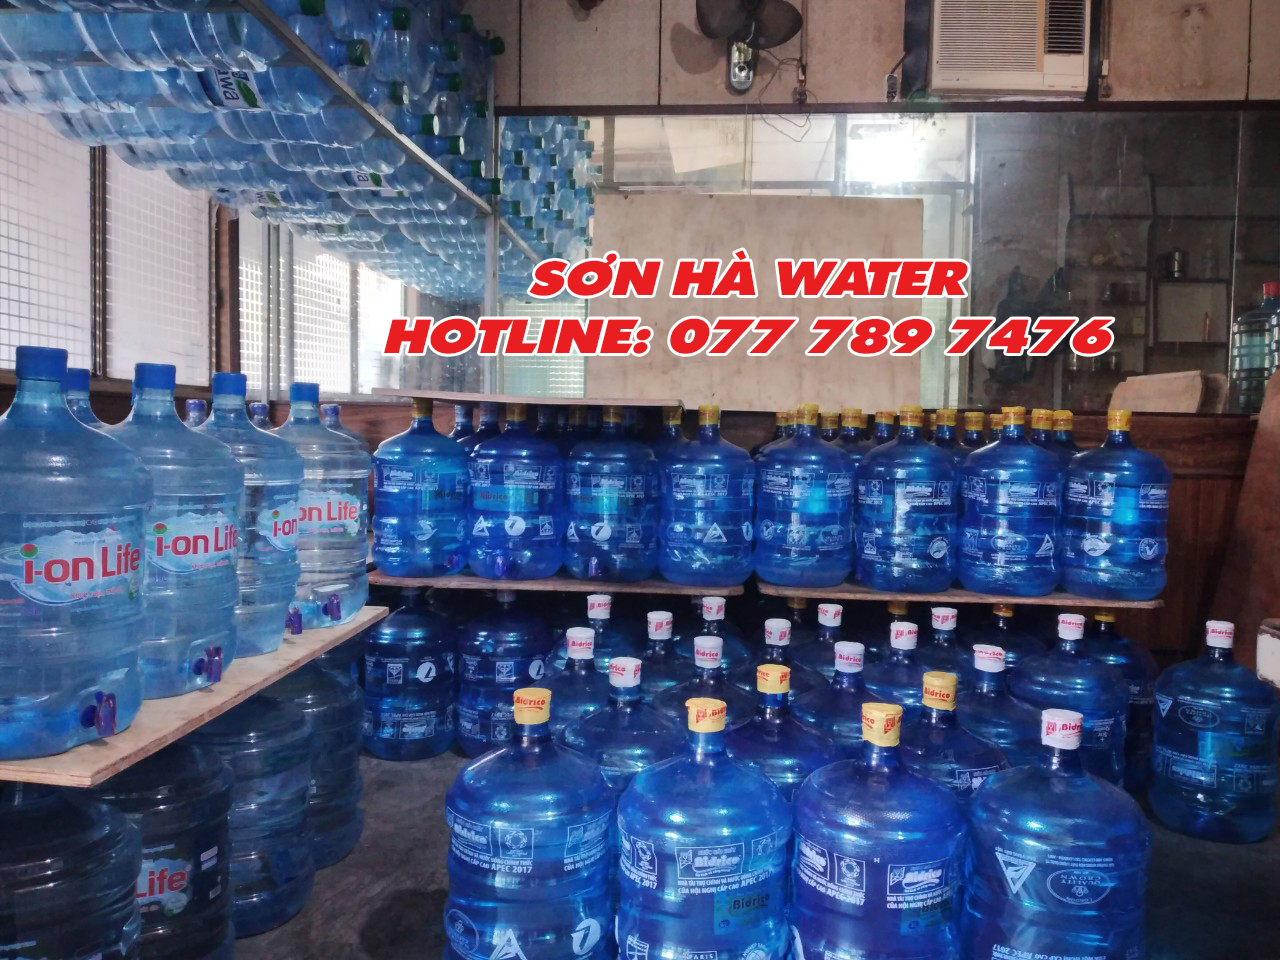 đại lý nước Bidrico Sơn Hà Water